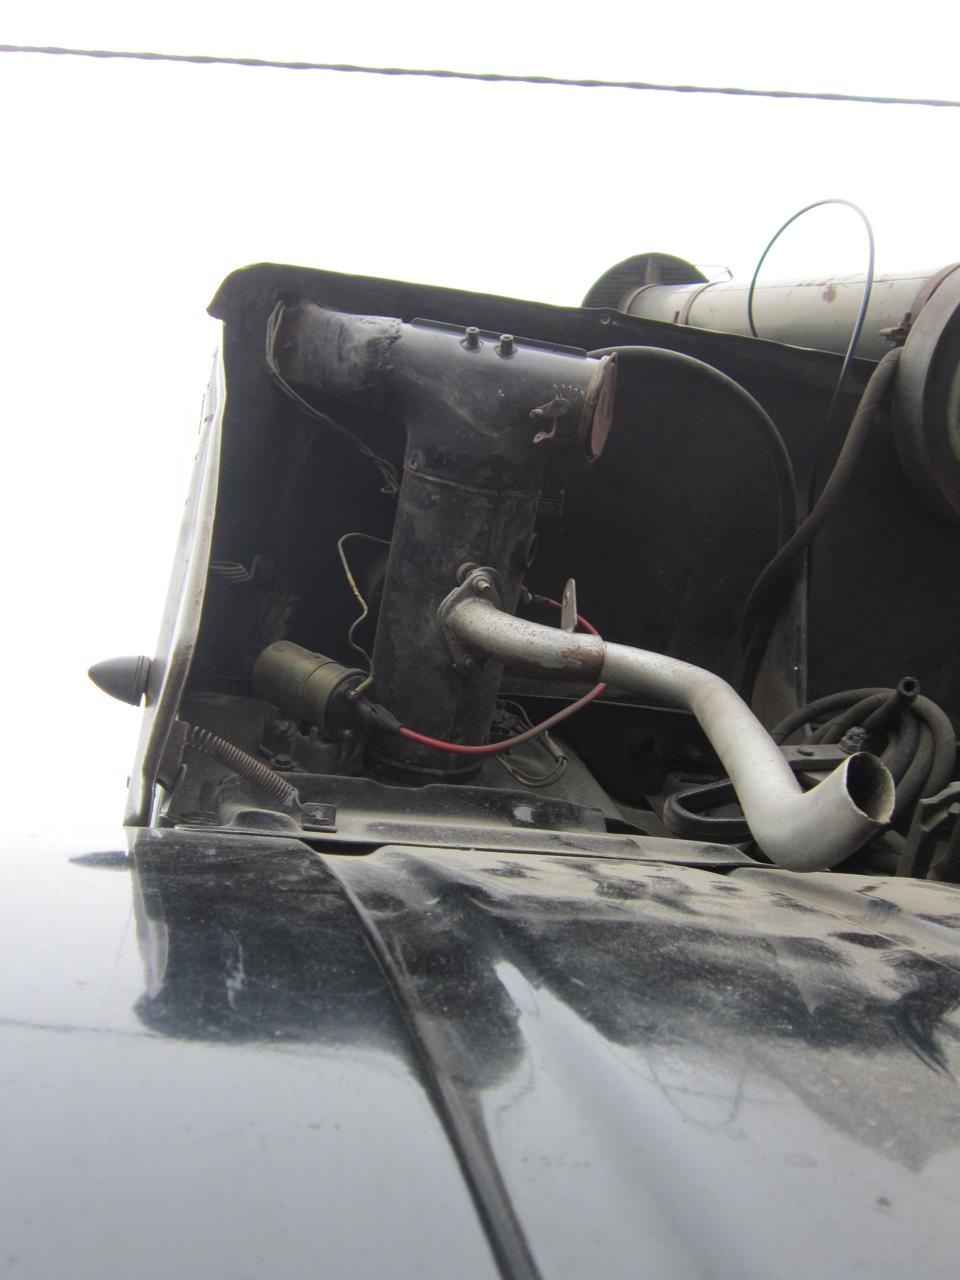 как установить сухой фен на вольво